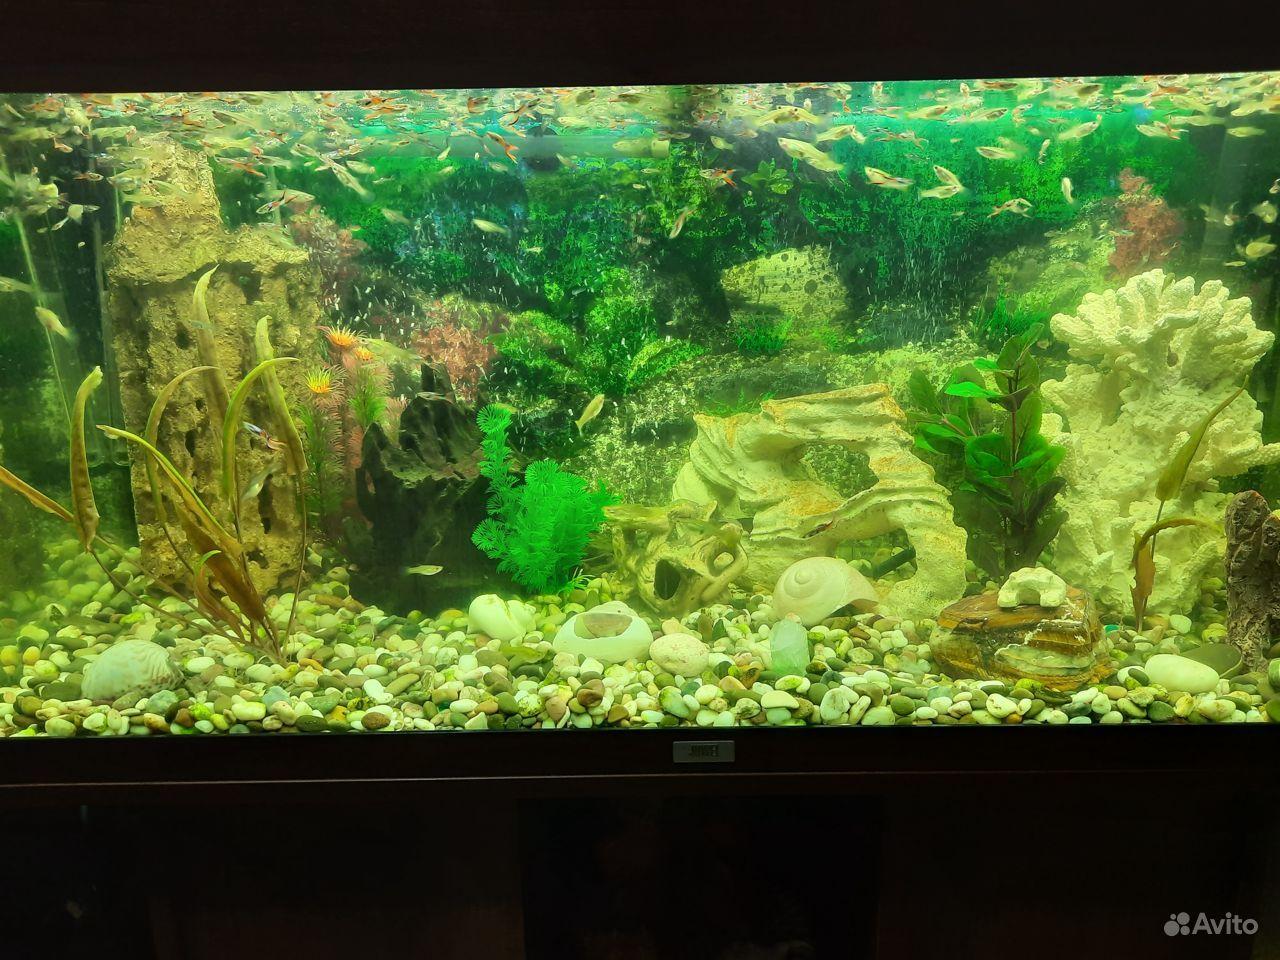 Аквариум juwel 180 литров с рыбками купить на Зозу.ру - фотография № 1